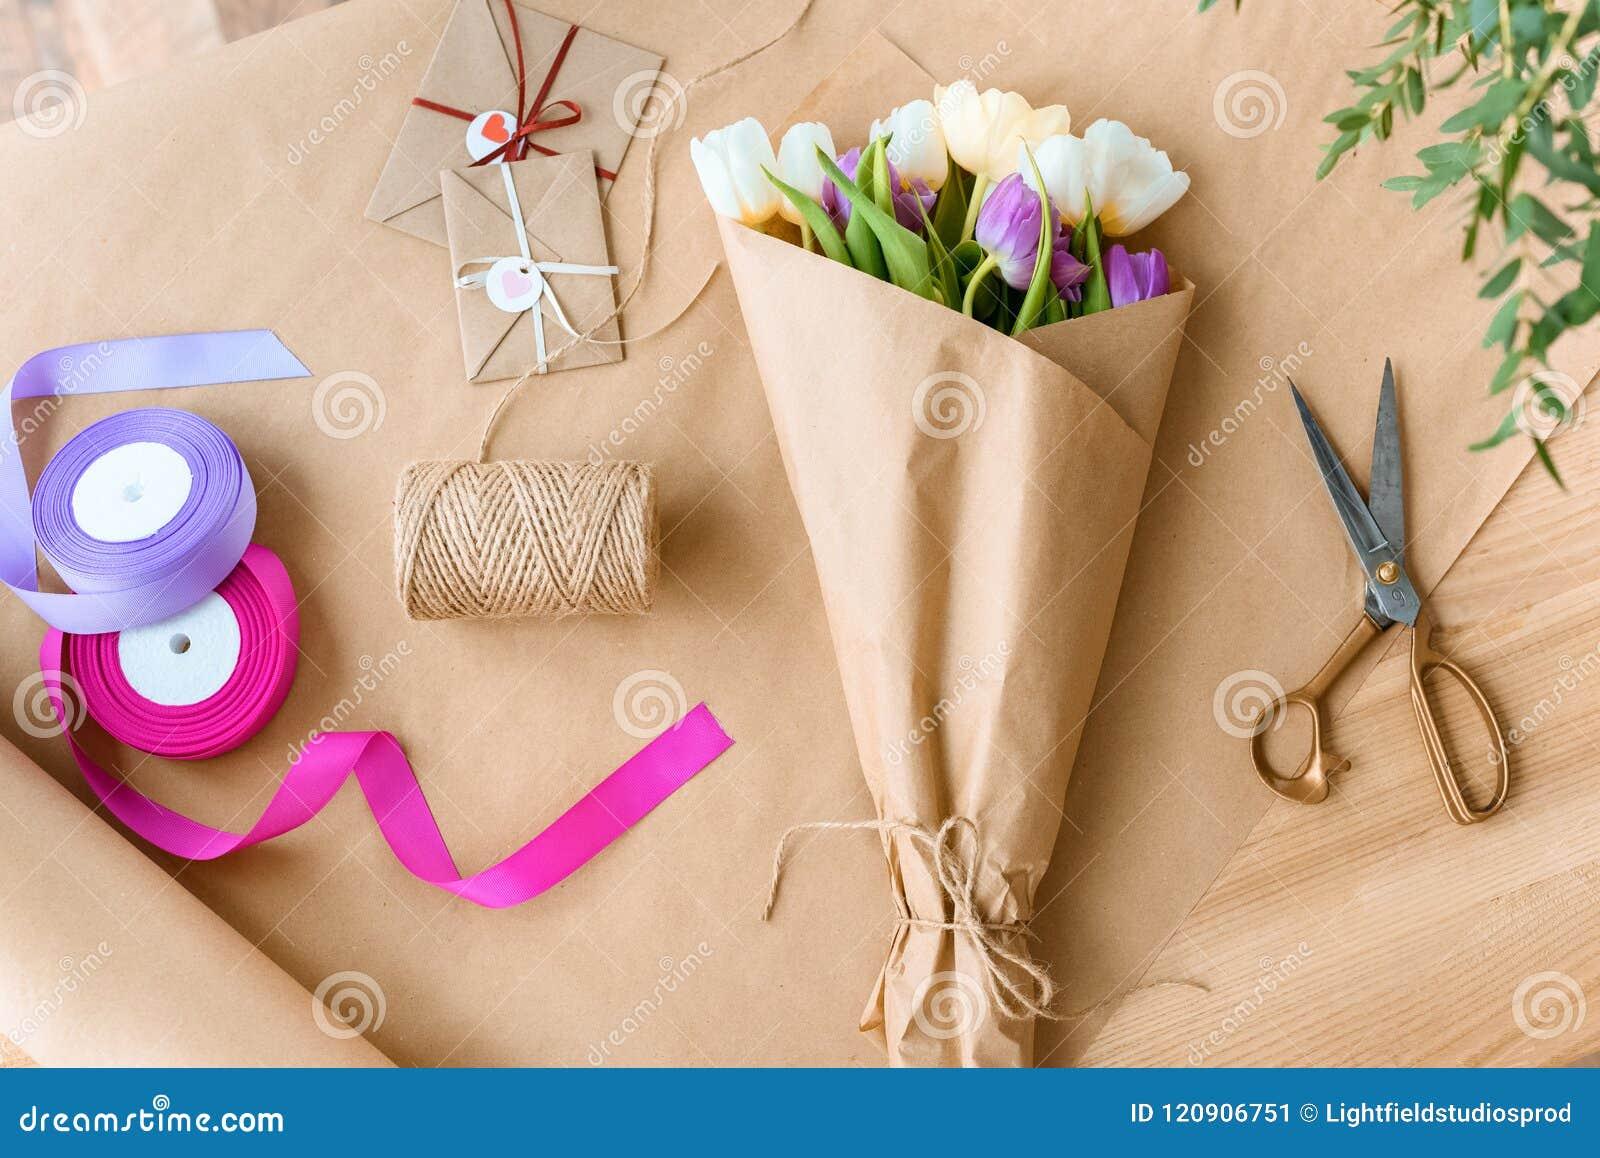 Hoogste mening van mooi boeket van tulpen, schaar, linten en enveloppen met kabel